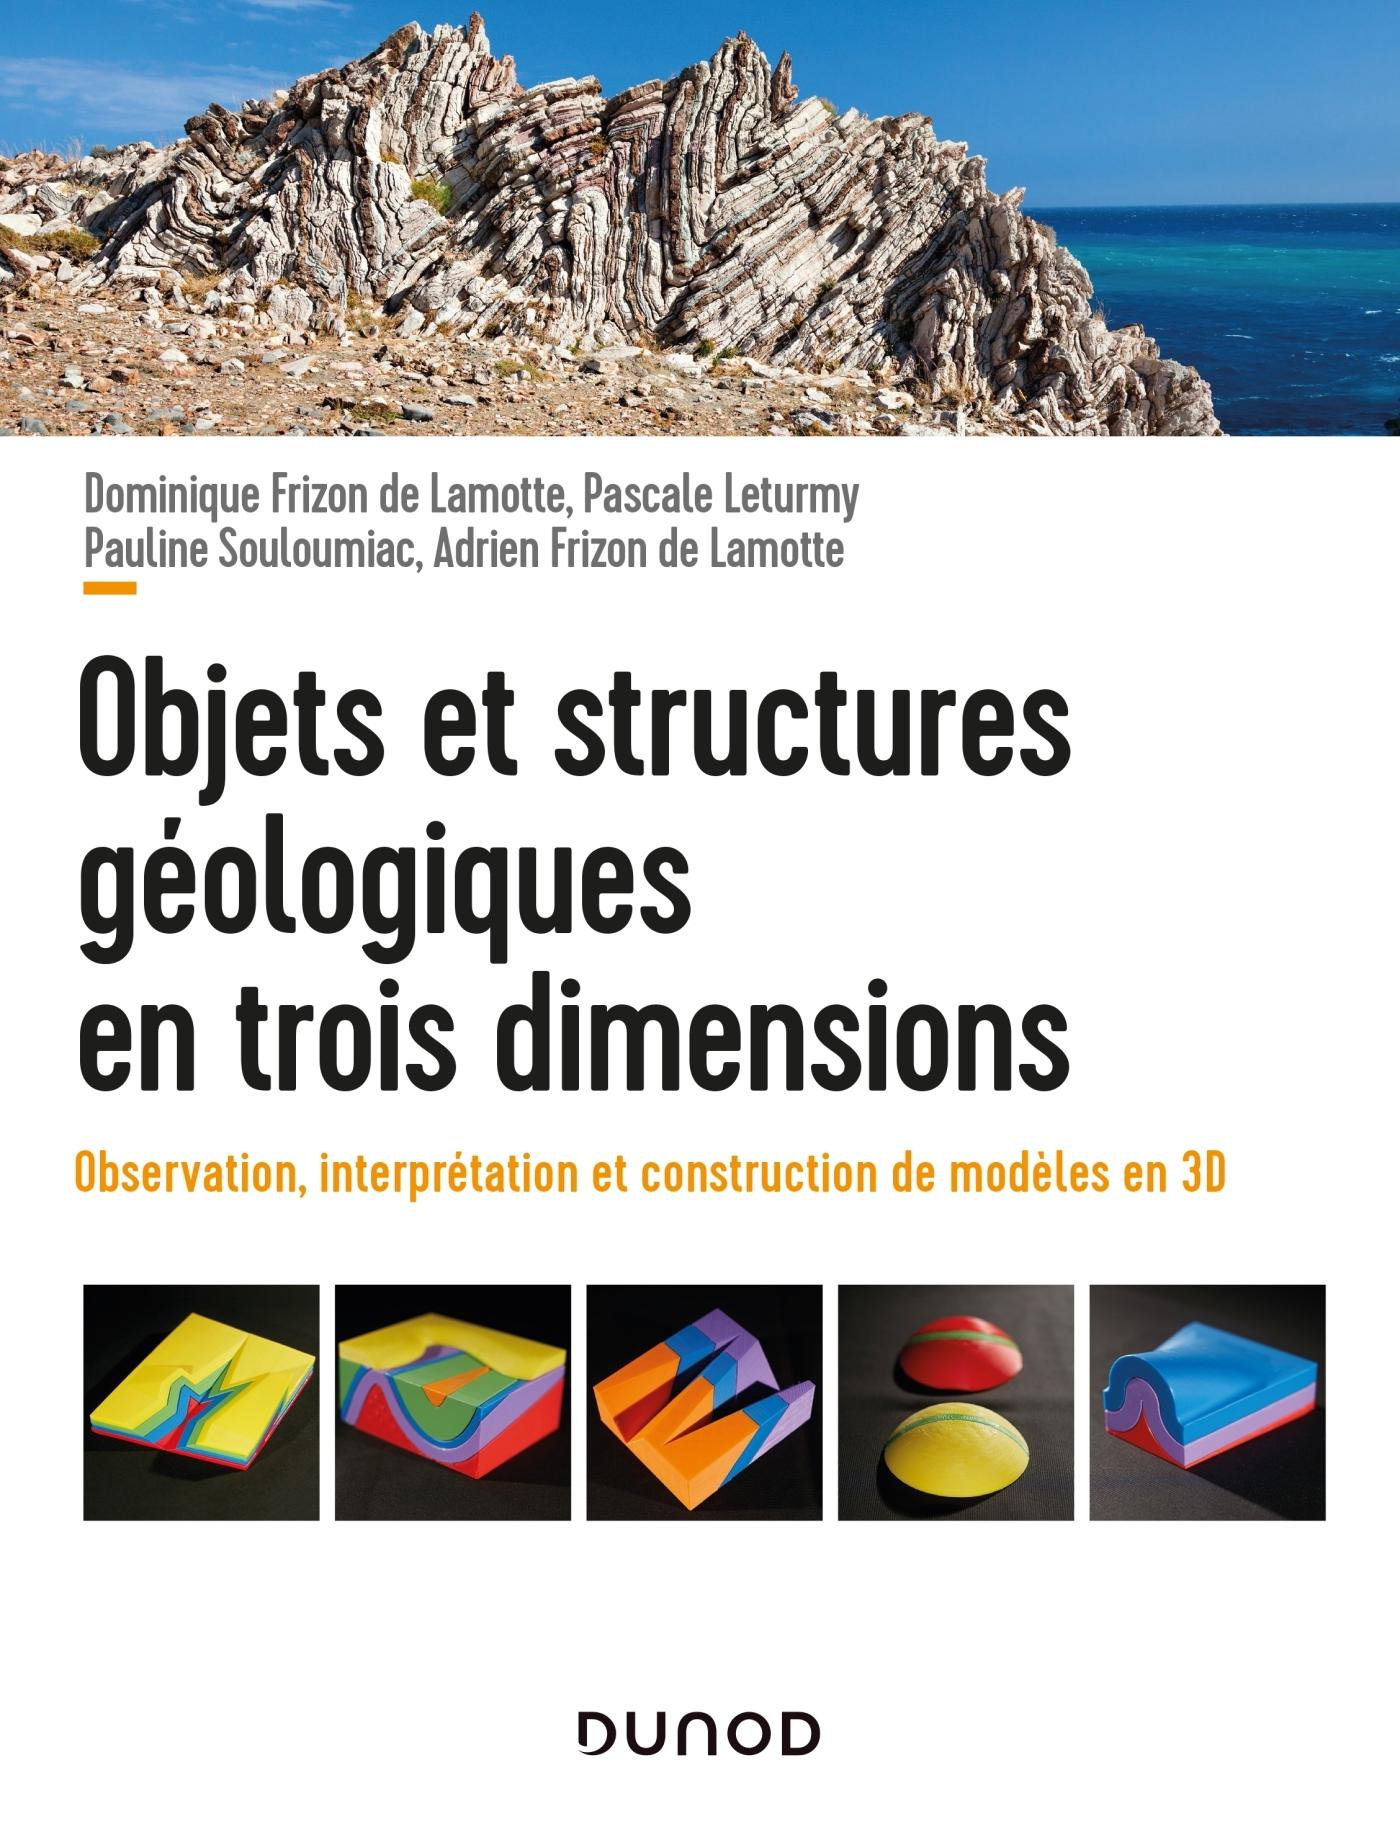 OBJETS ET STRUCTURES GEOLOGIQUES EN TROIS DIMENSIONS - OBSERVATION, INTERPRETATION ET CONSTRUCTION -